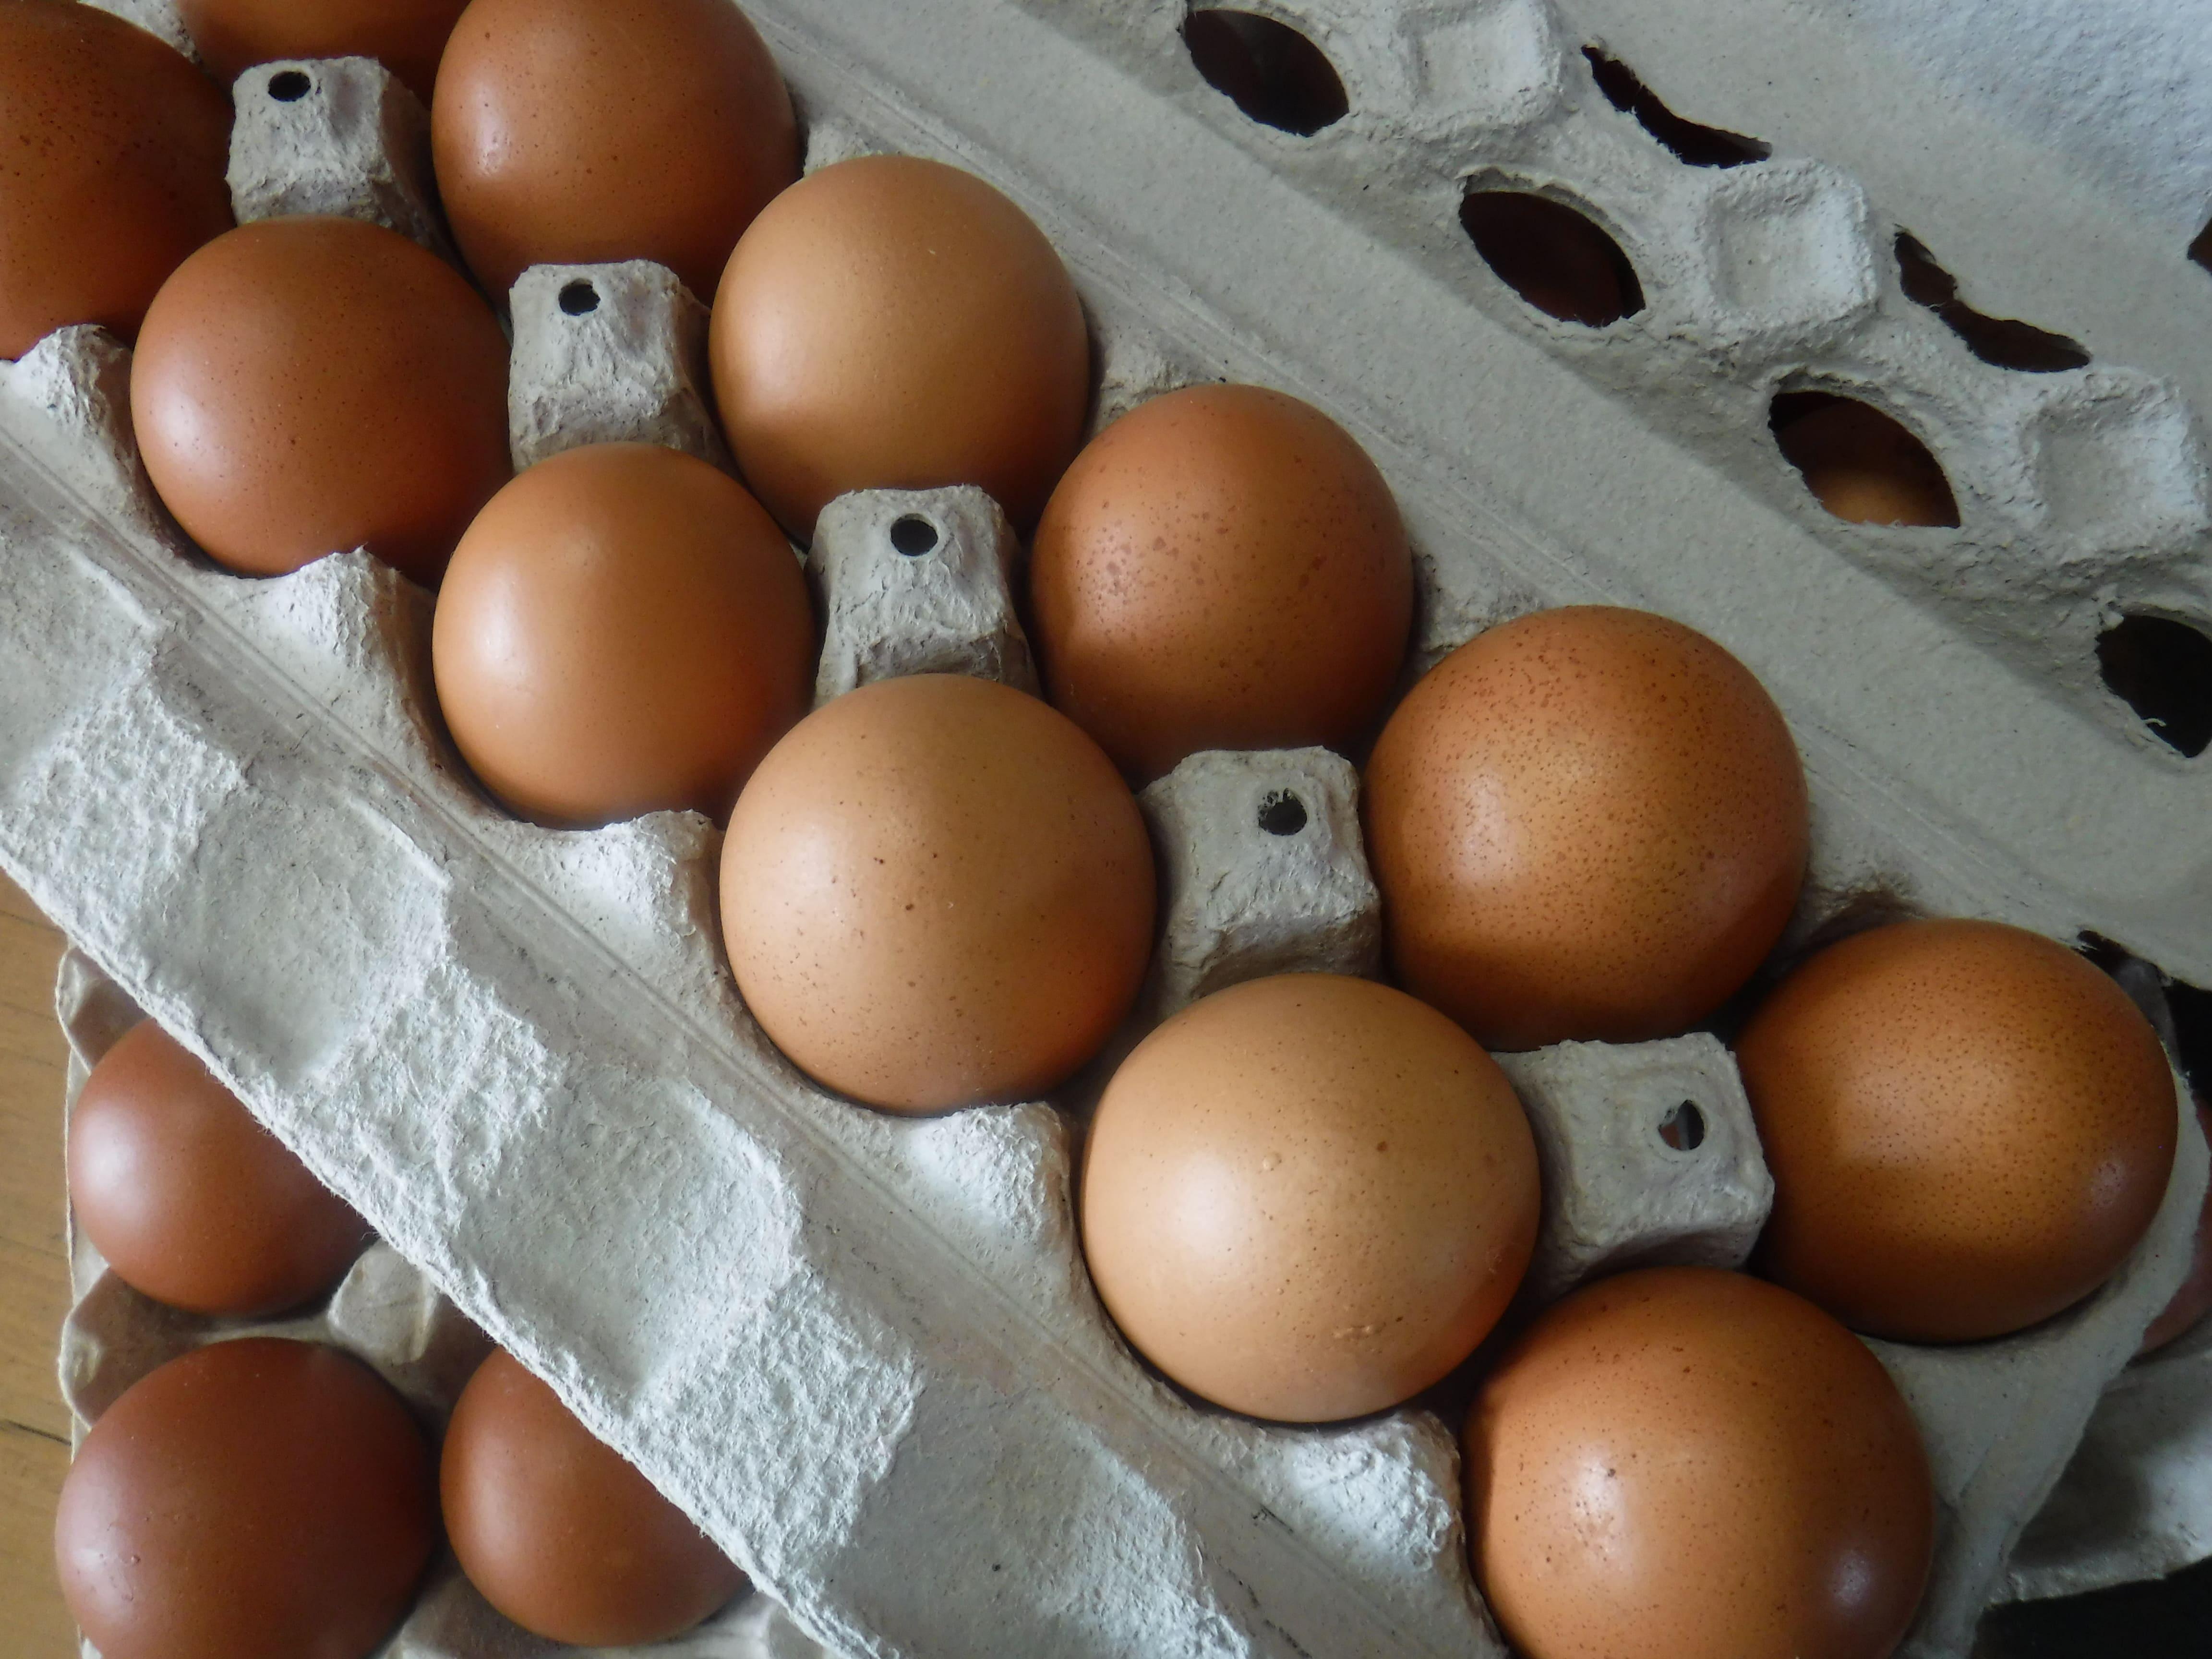 https://0201.nccdn.net/4_2/000/000/064/d40/fresh-eggs-min-4608x3456.jpg